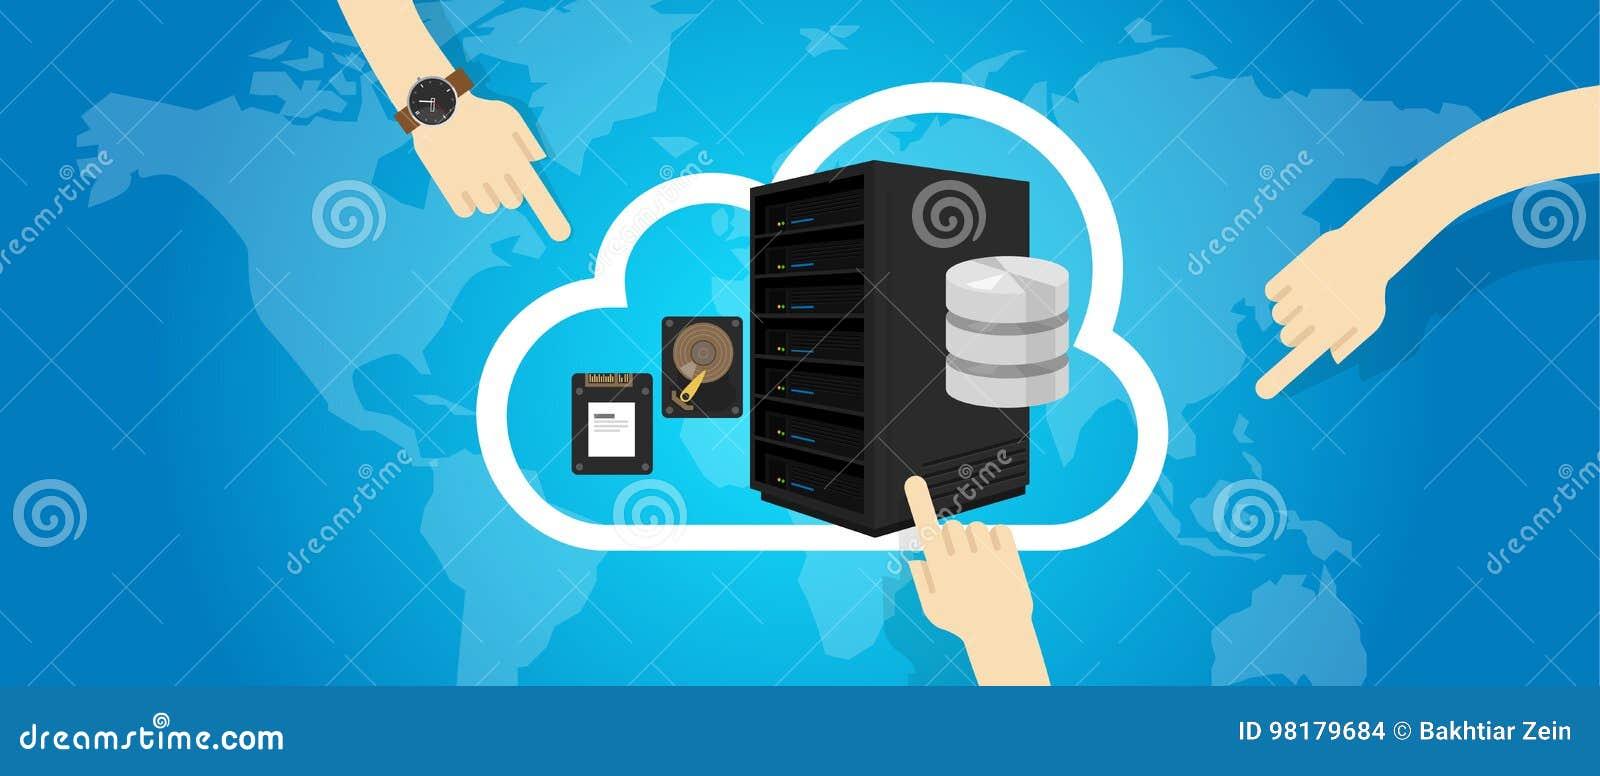 IaaS-Infrastruktur als Service an der Wolkeninternet-Hand entscheiden ausgewähltes